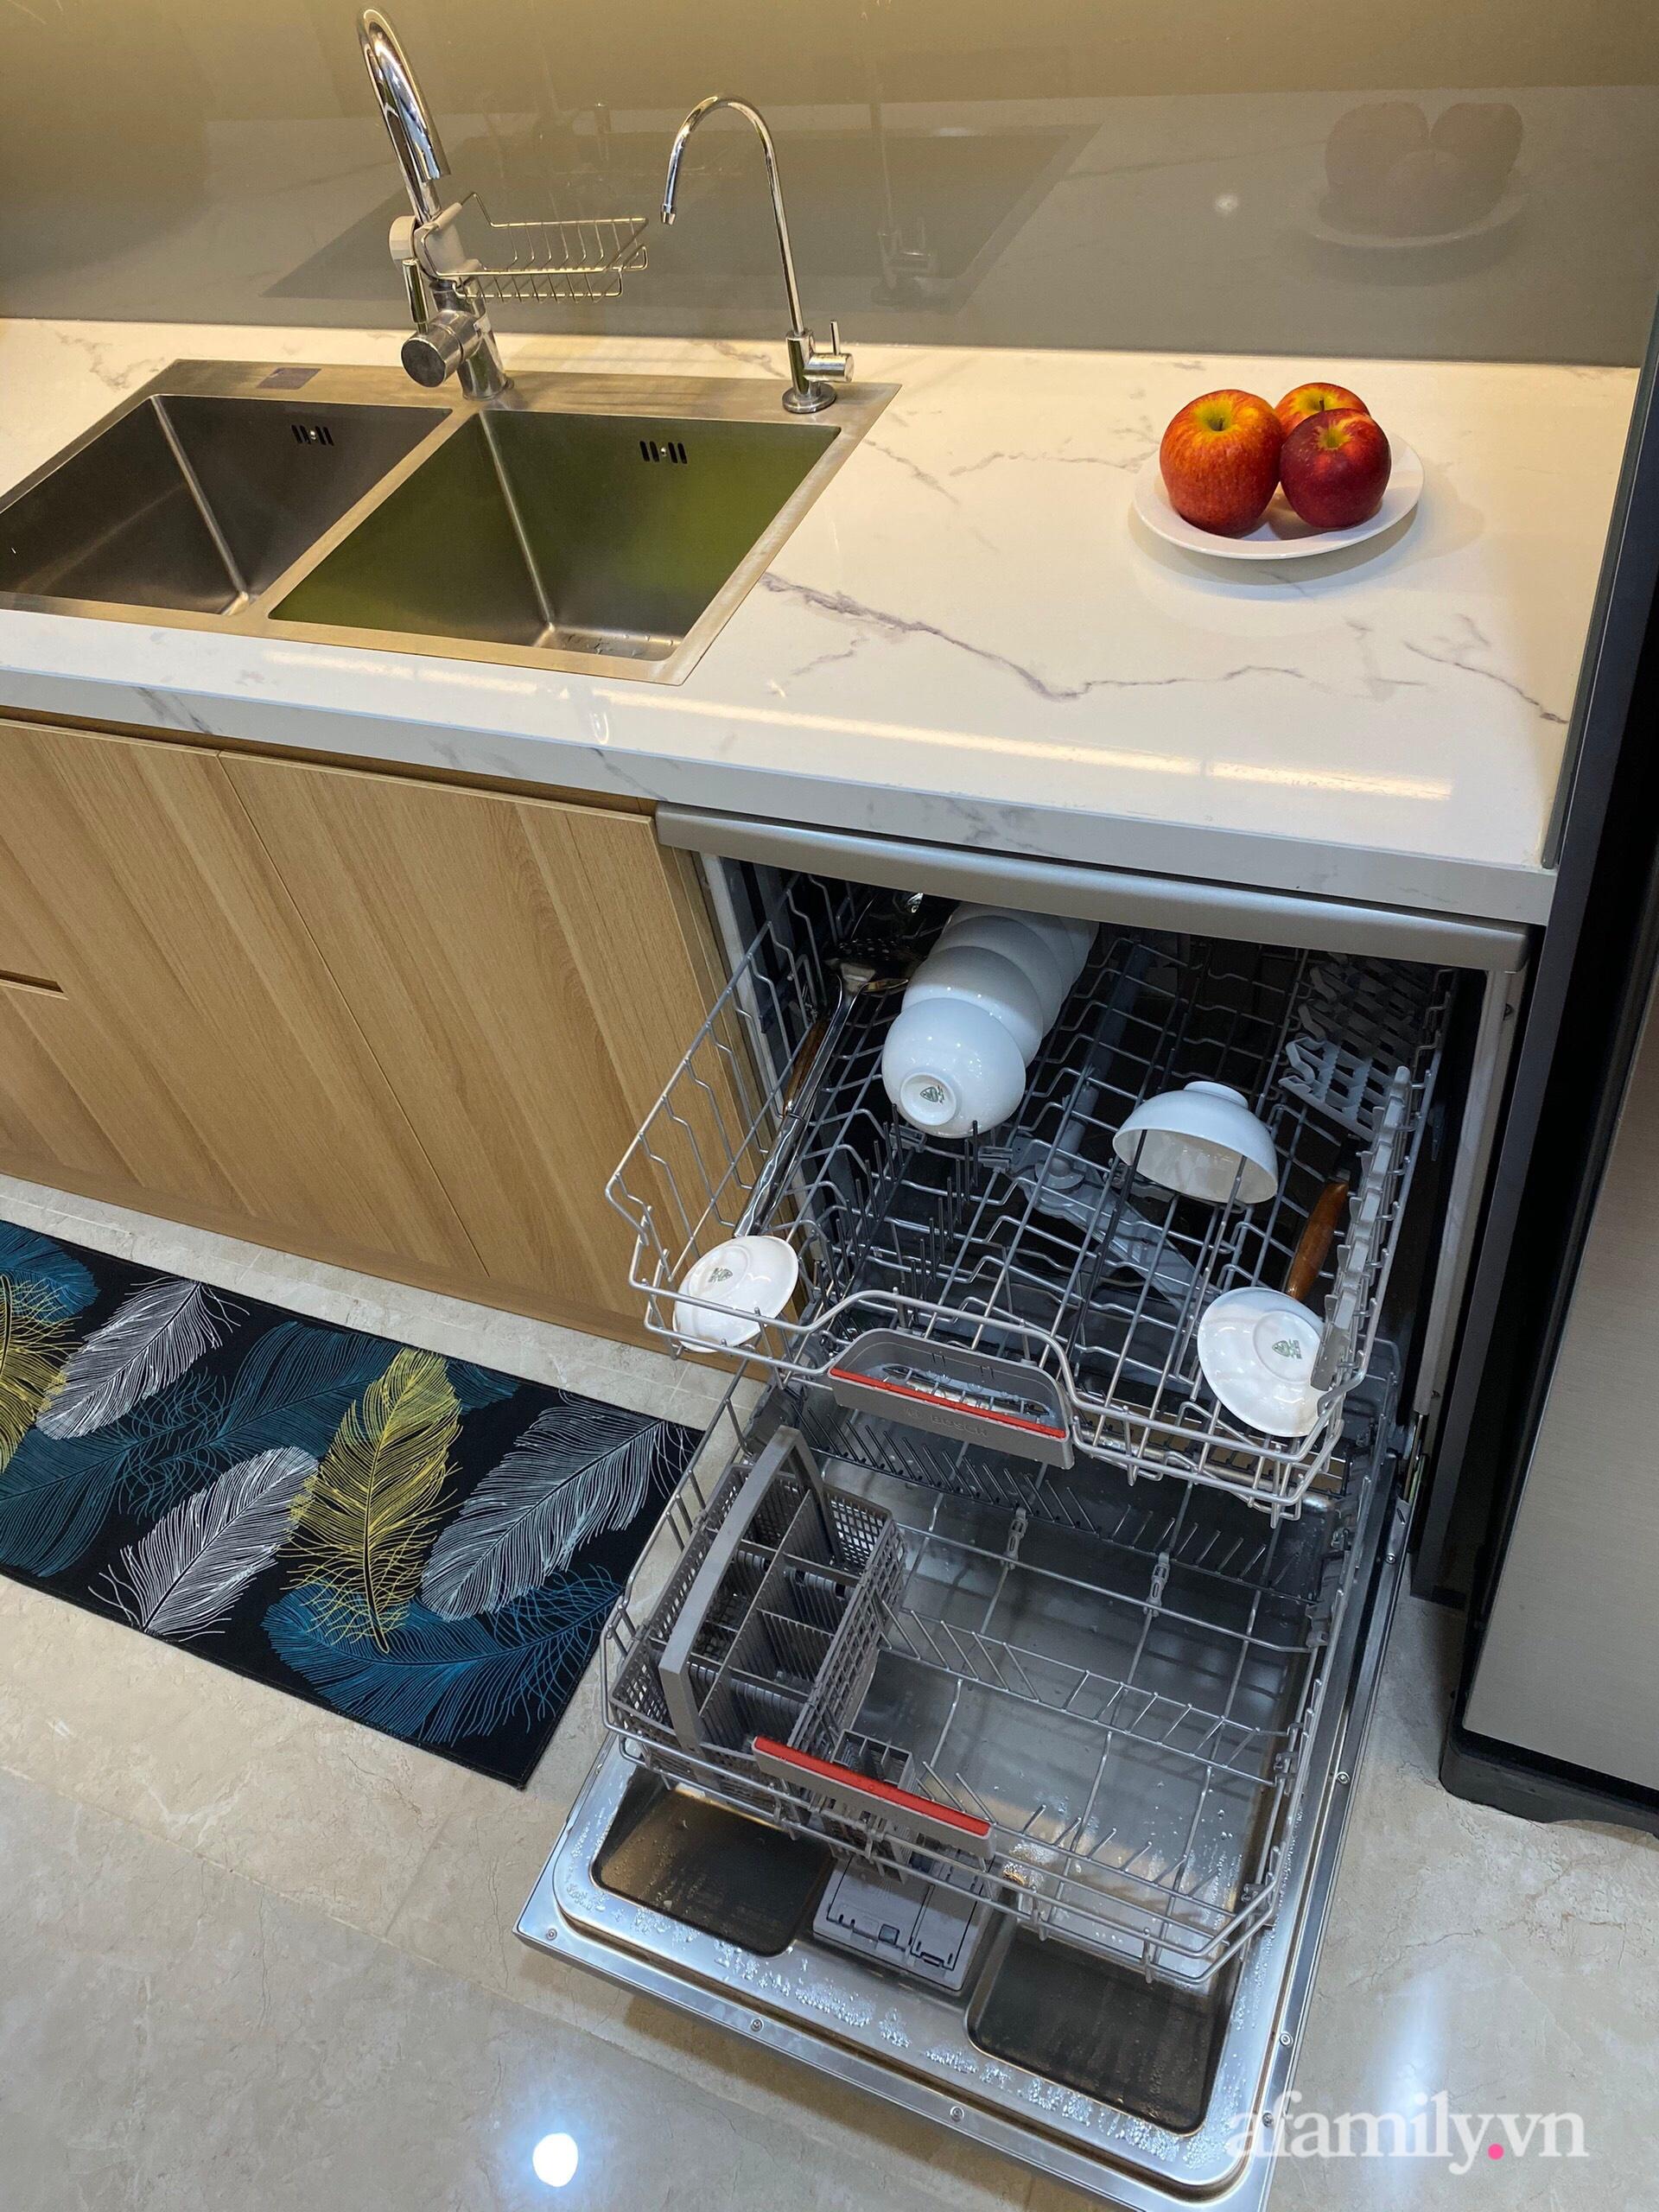 Căn hộ 92m² đong đầy hạnh phúc với nội thất đơn giản, hiện đại của vợ chồng trẻ Hà Nội - Ảnh 12.